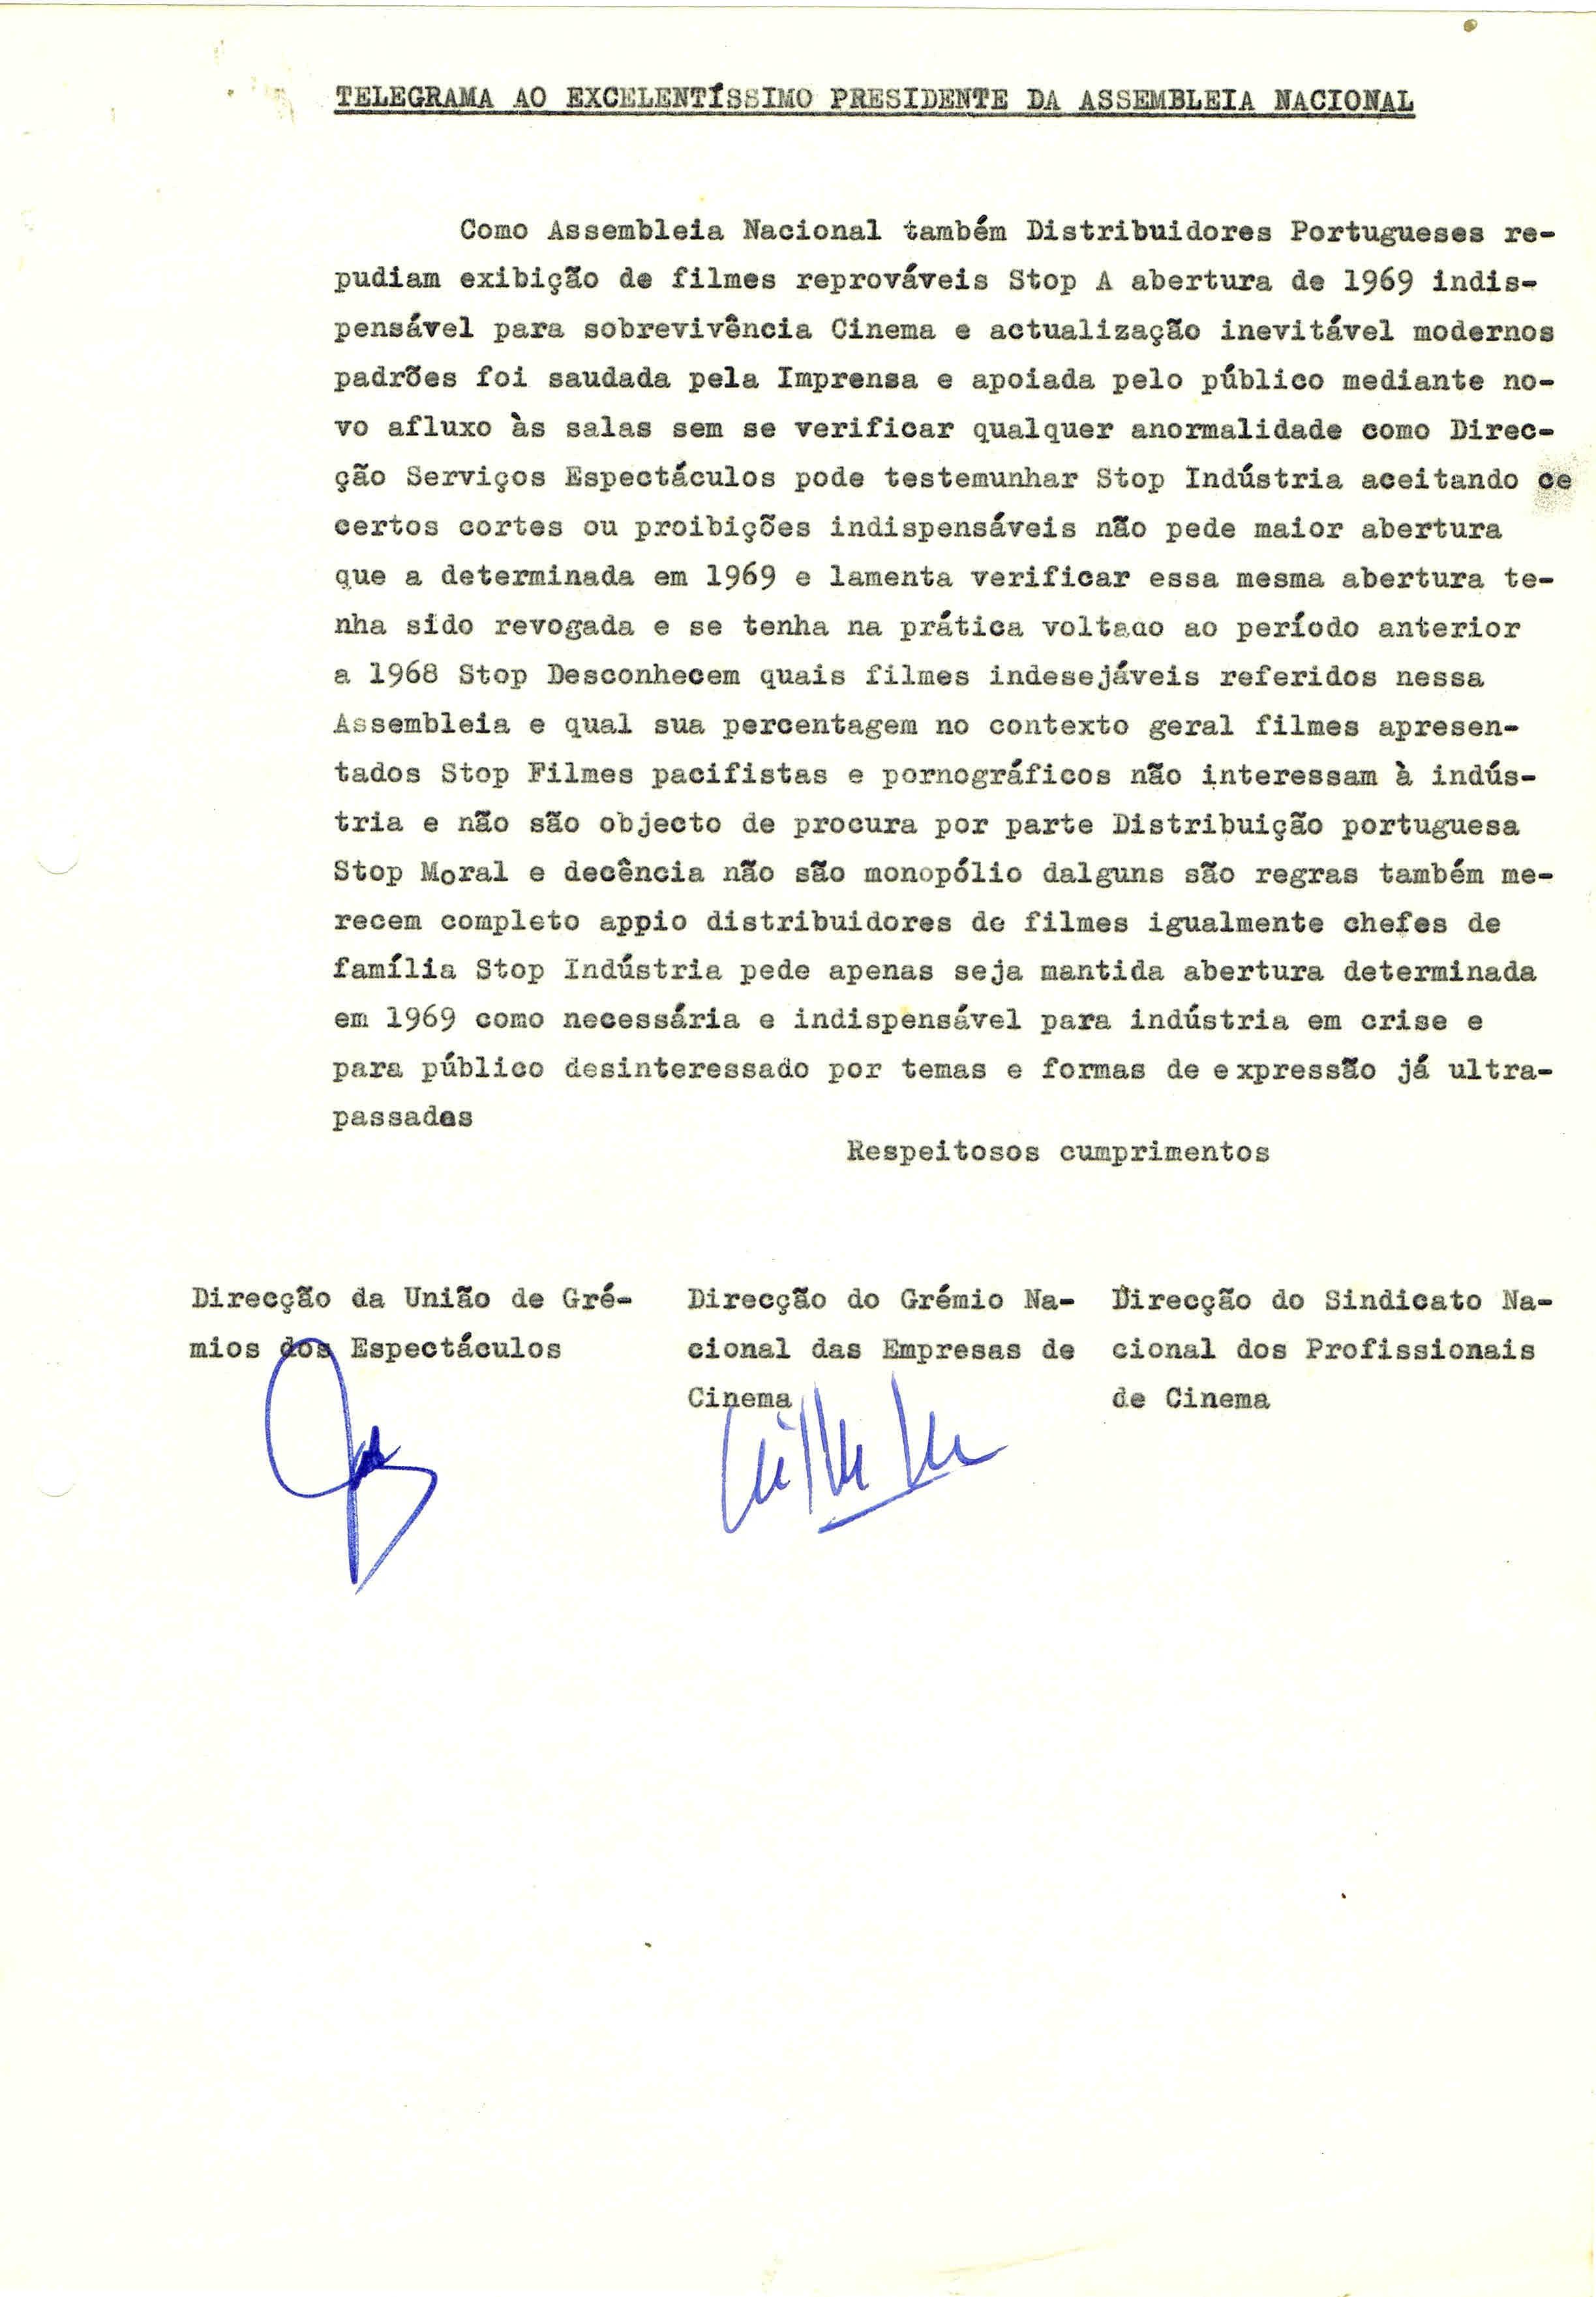 Document (16)SSSSS (2)